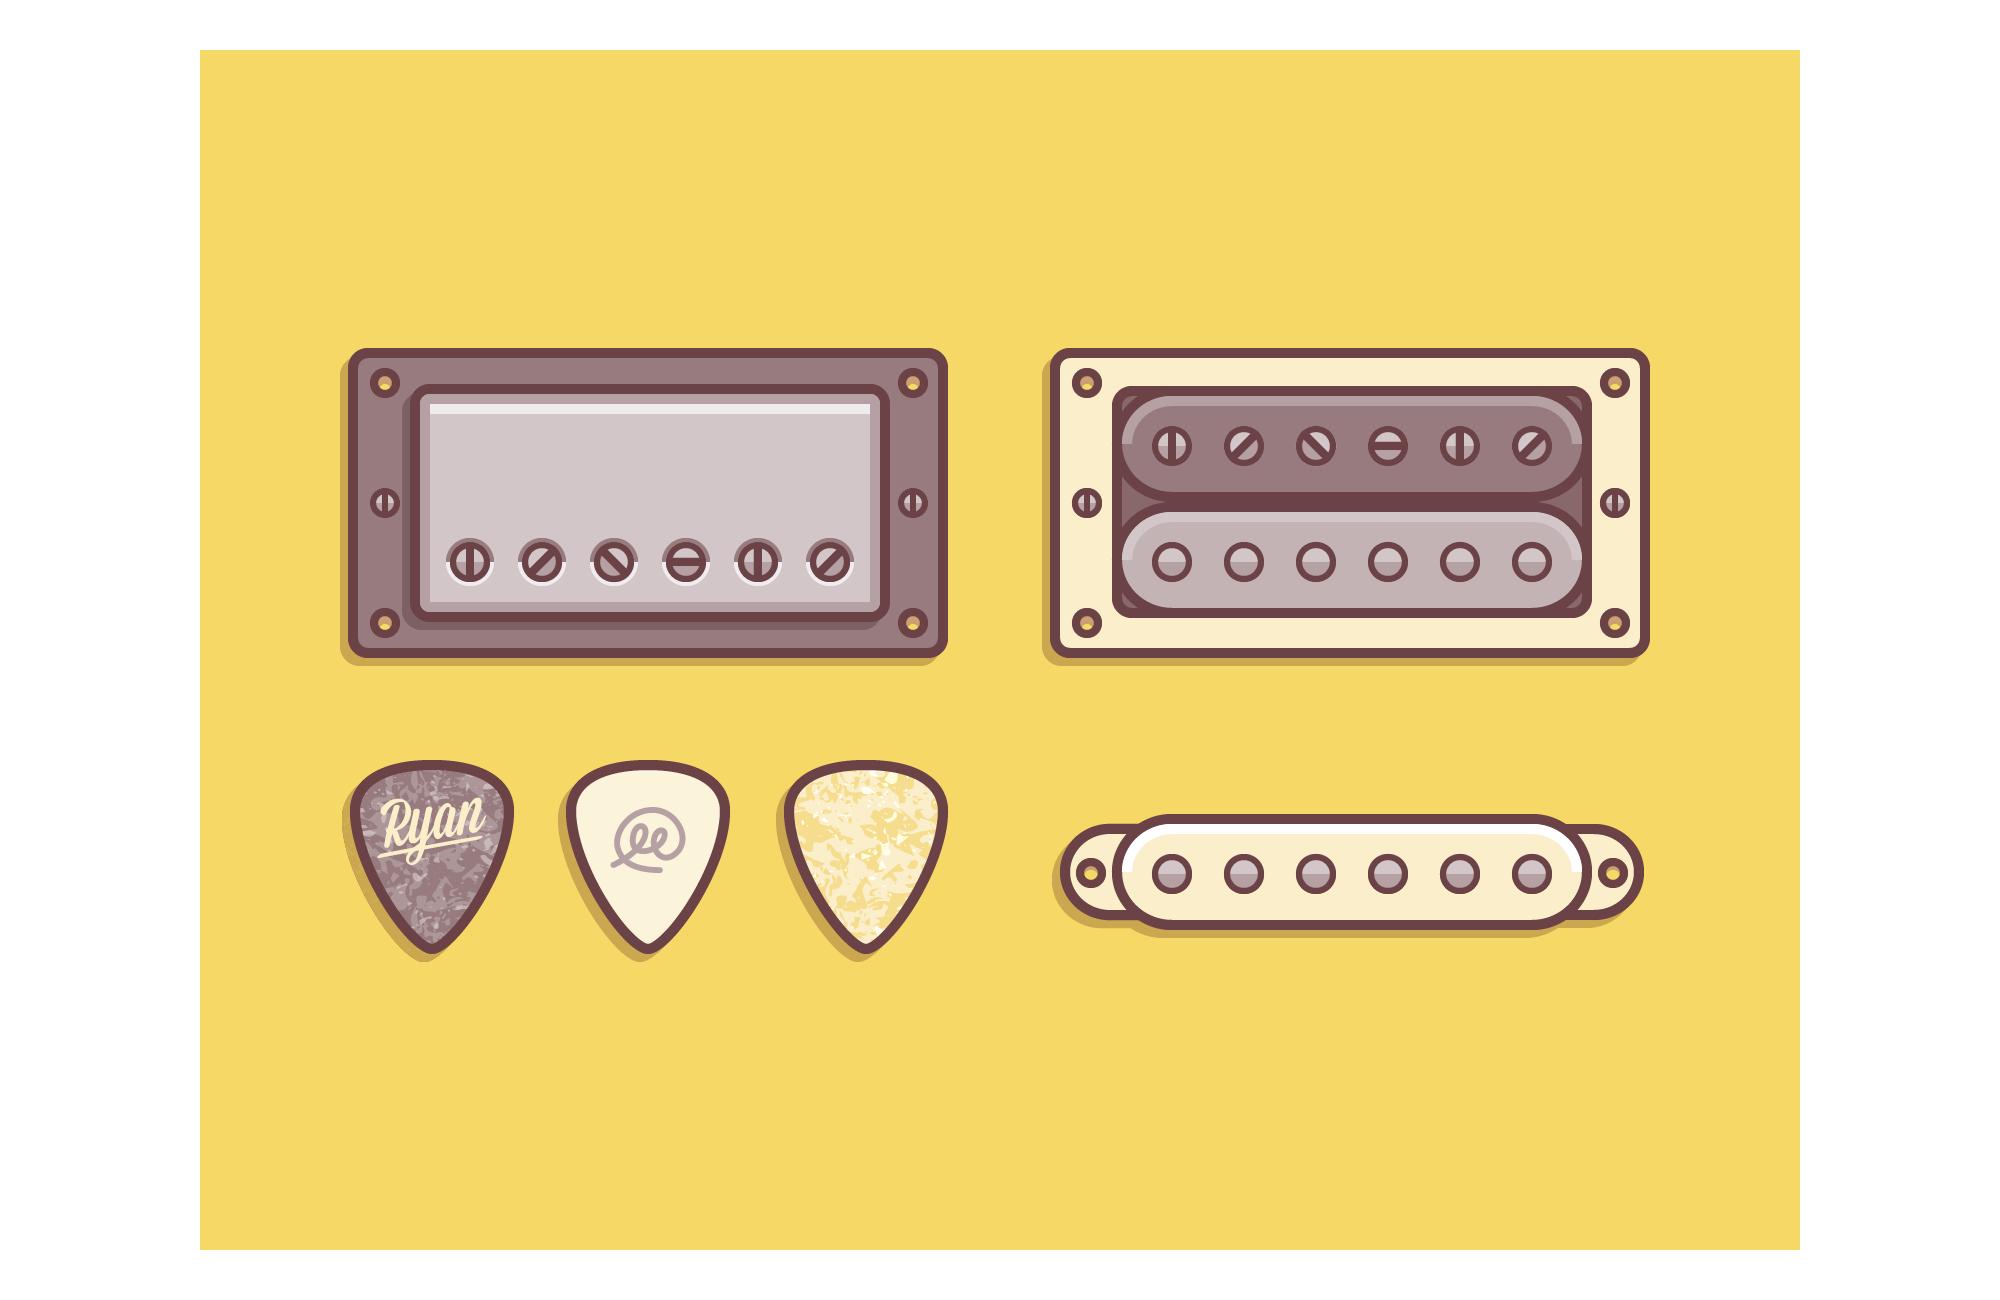 accesorios illustracion 7